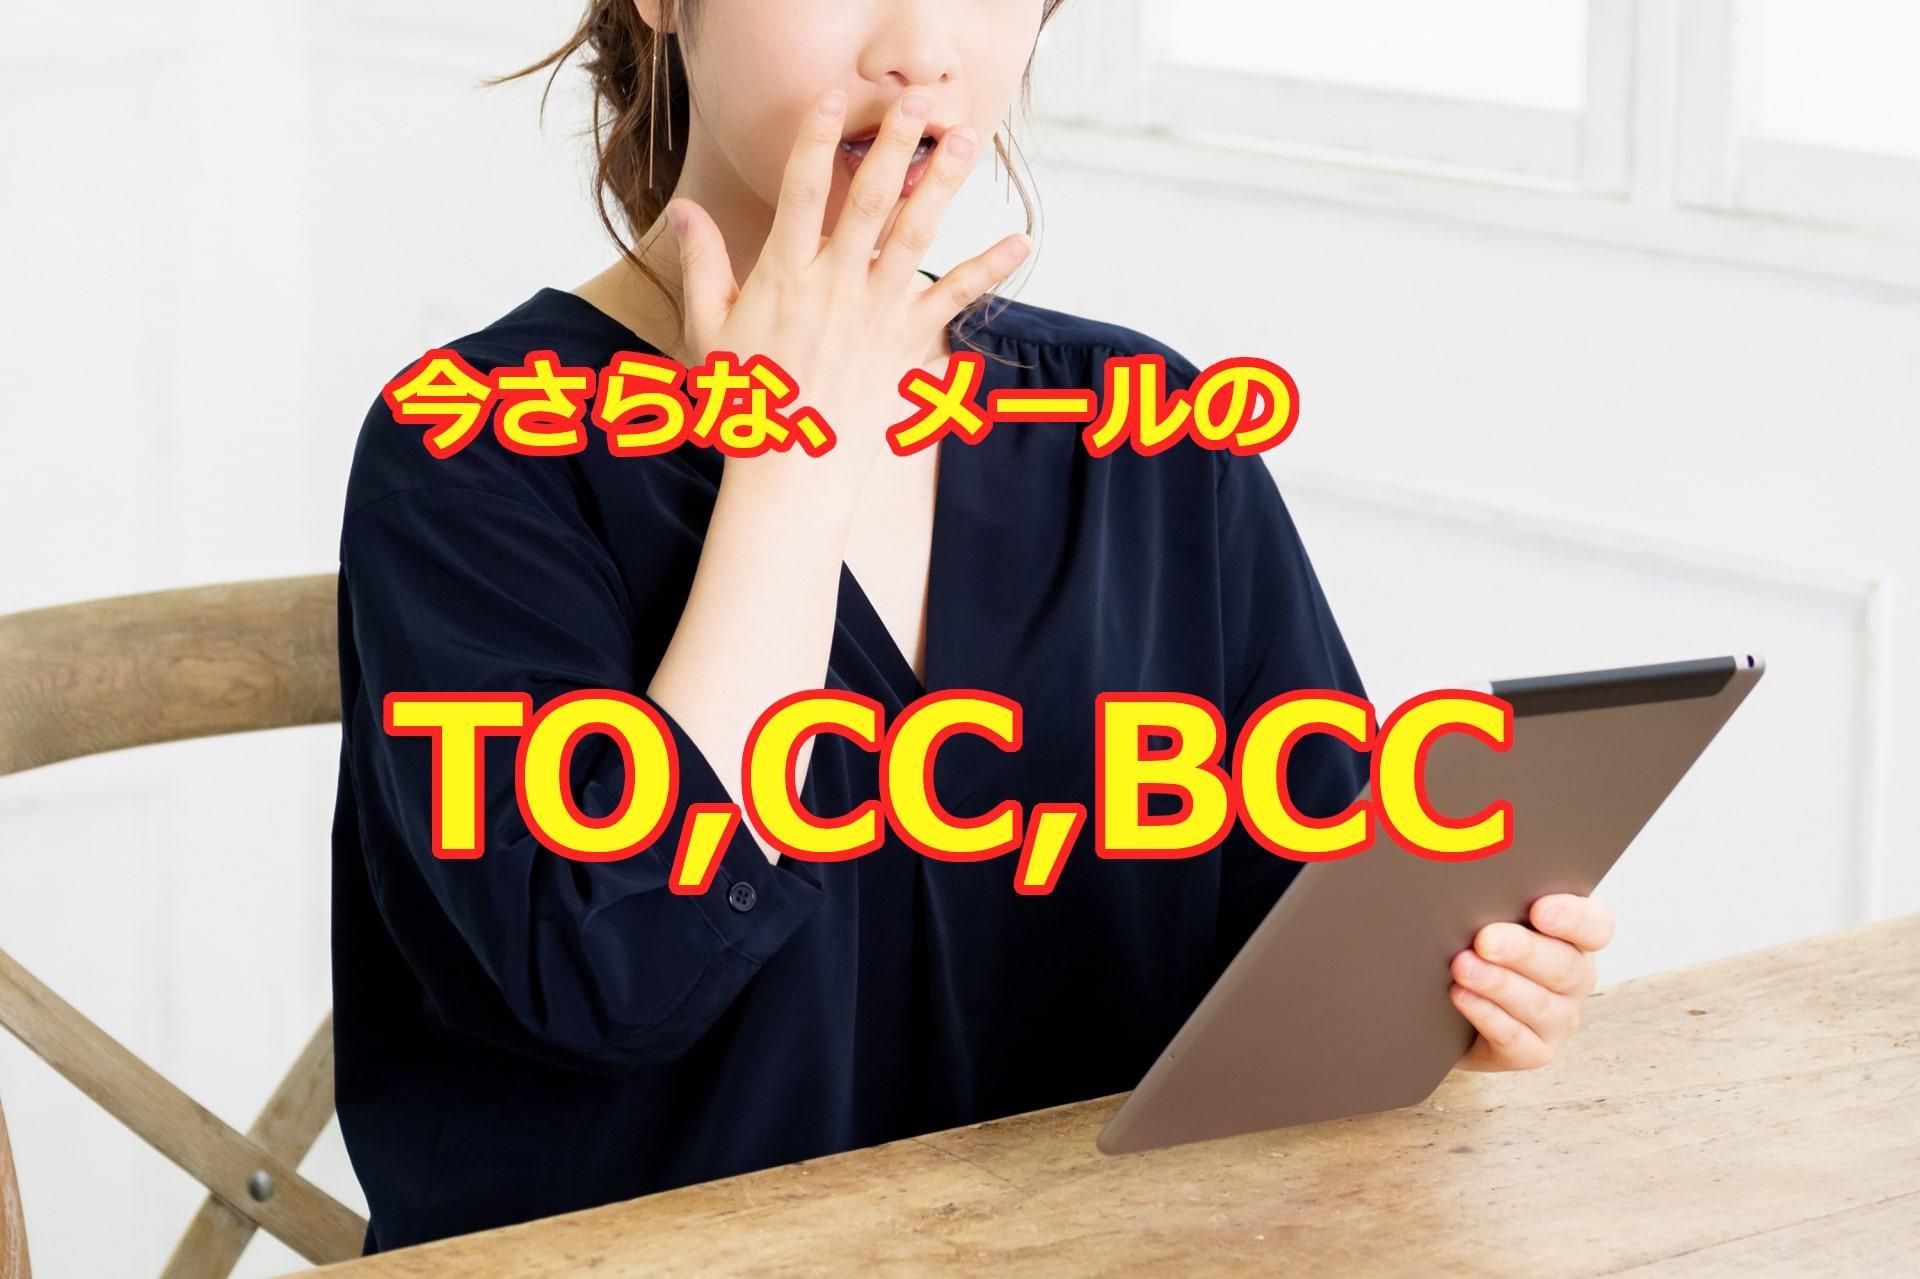 メールのTO,CC,BCC